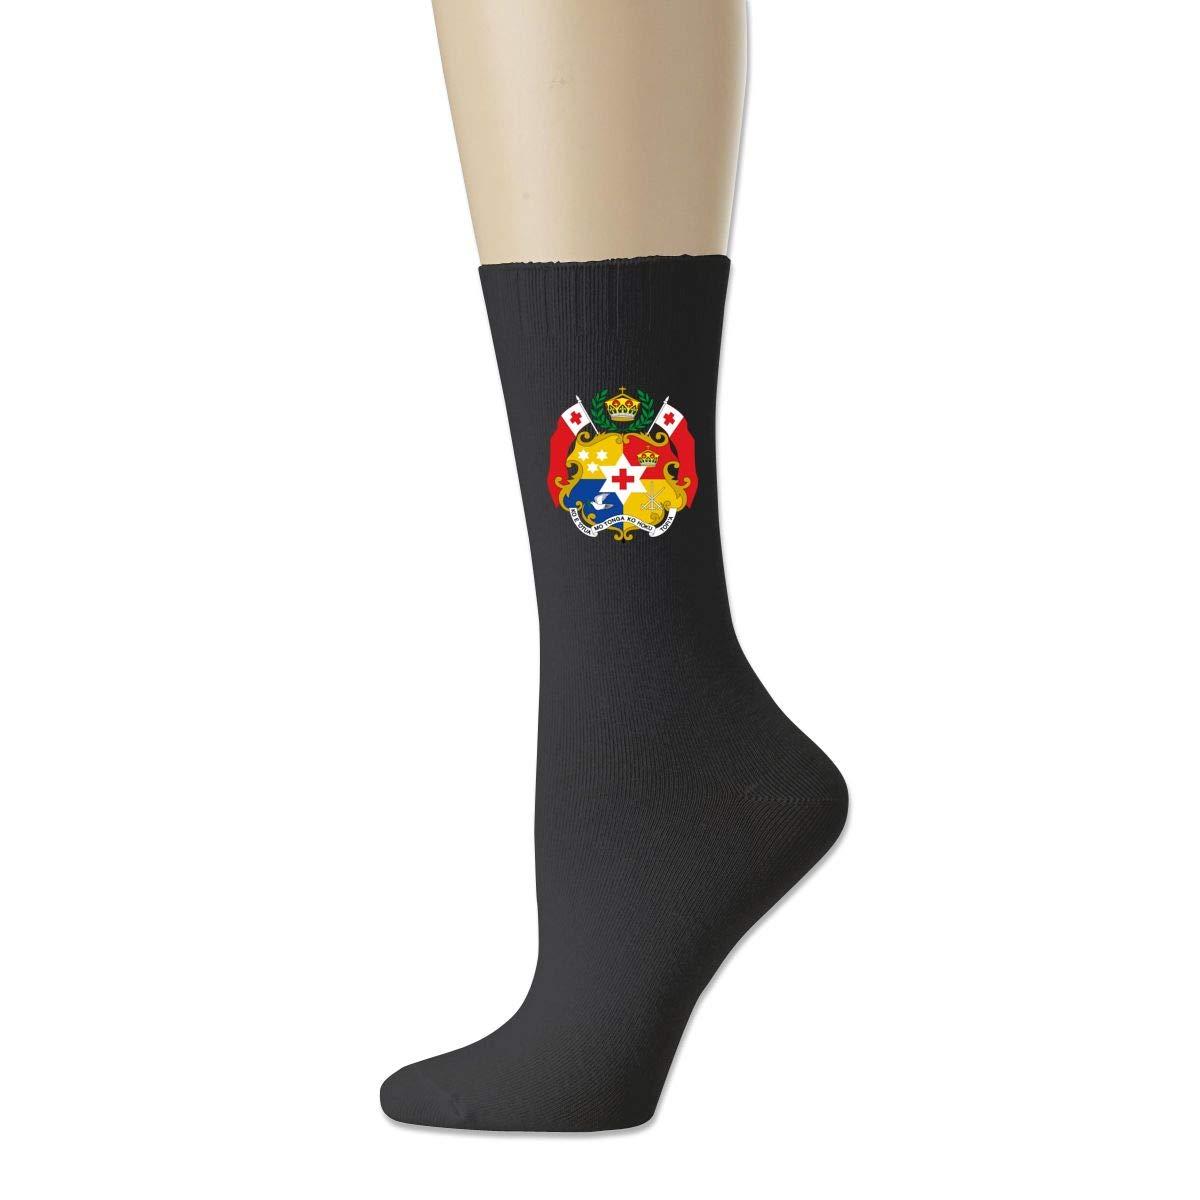 Rigg-socks Coat Of Arms Of Tonga Mens Comfortable Sport Socks Gray